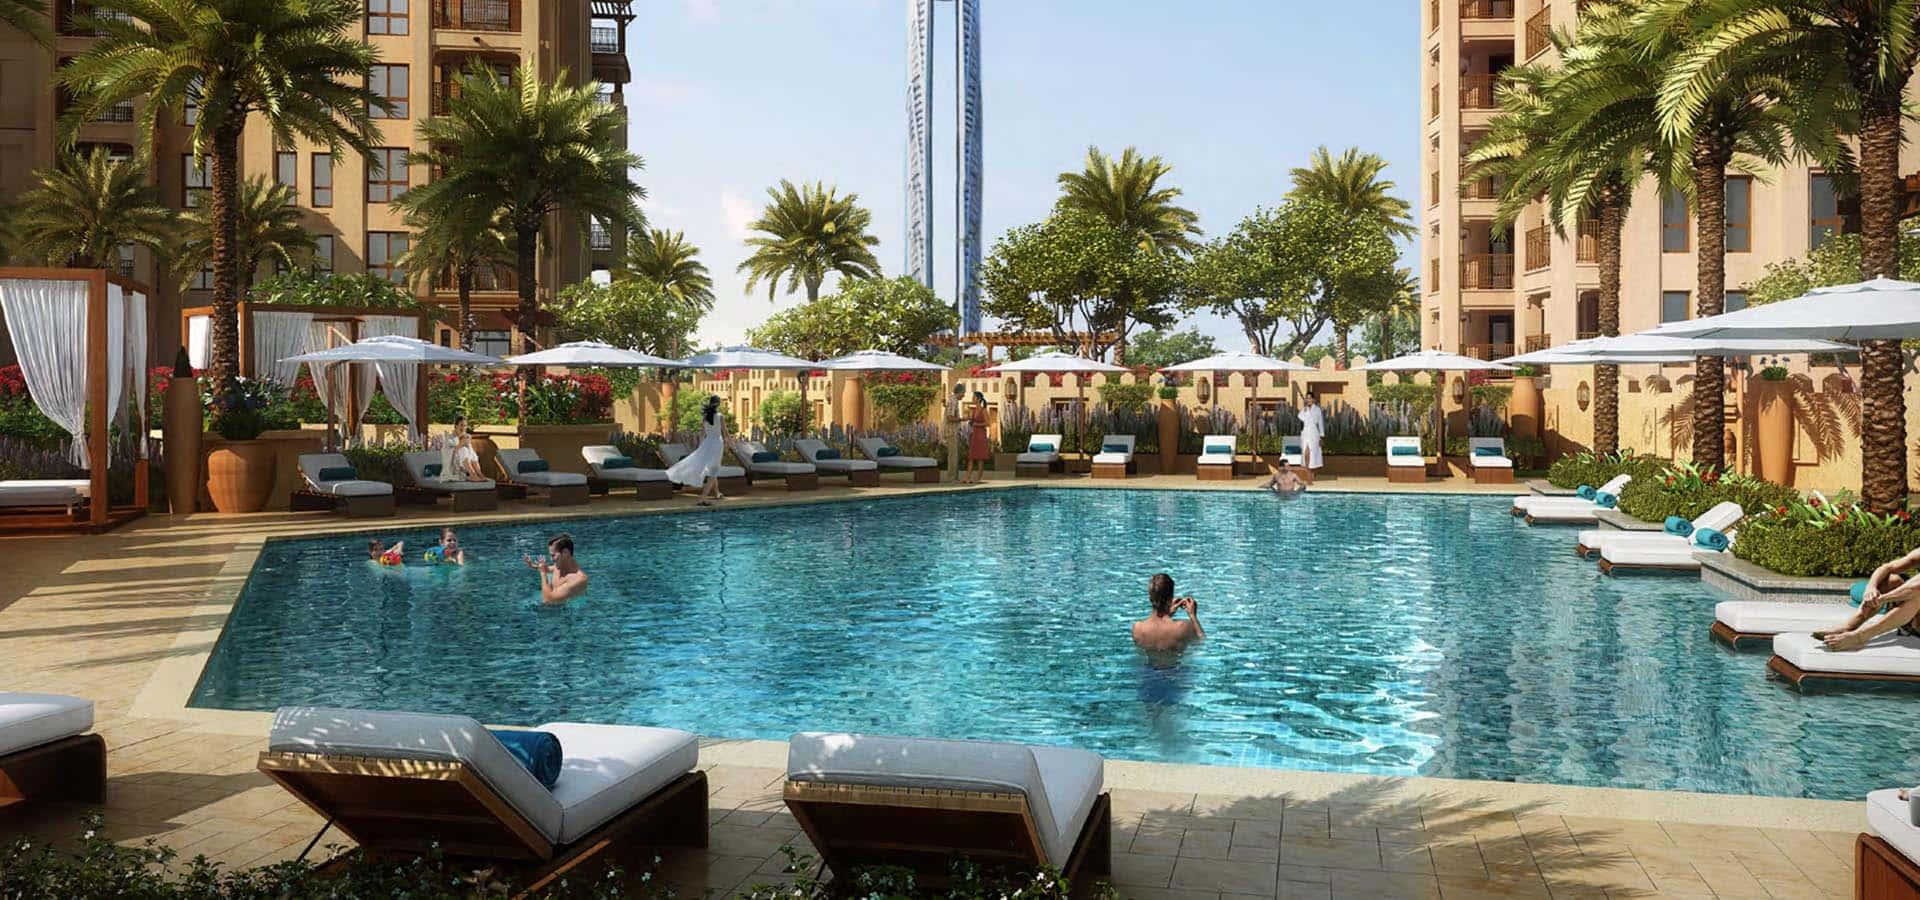 Dubai Holding Madinat Jumeirah Living in Dubai